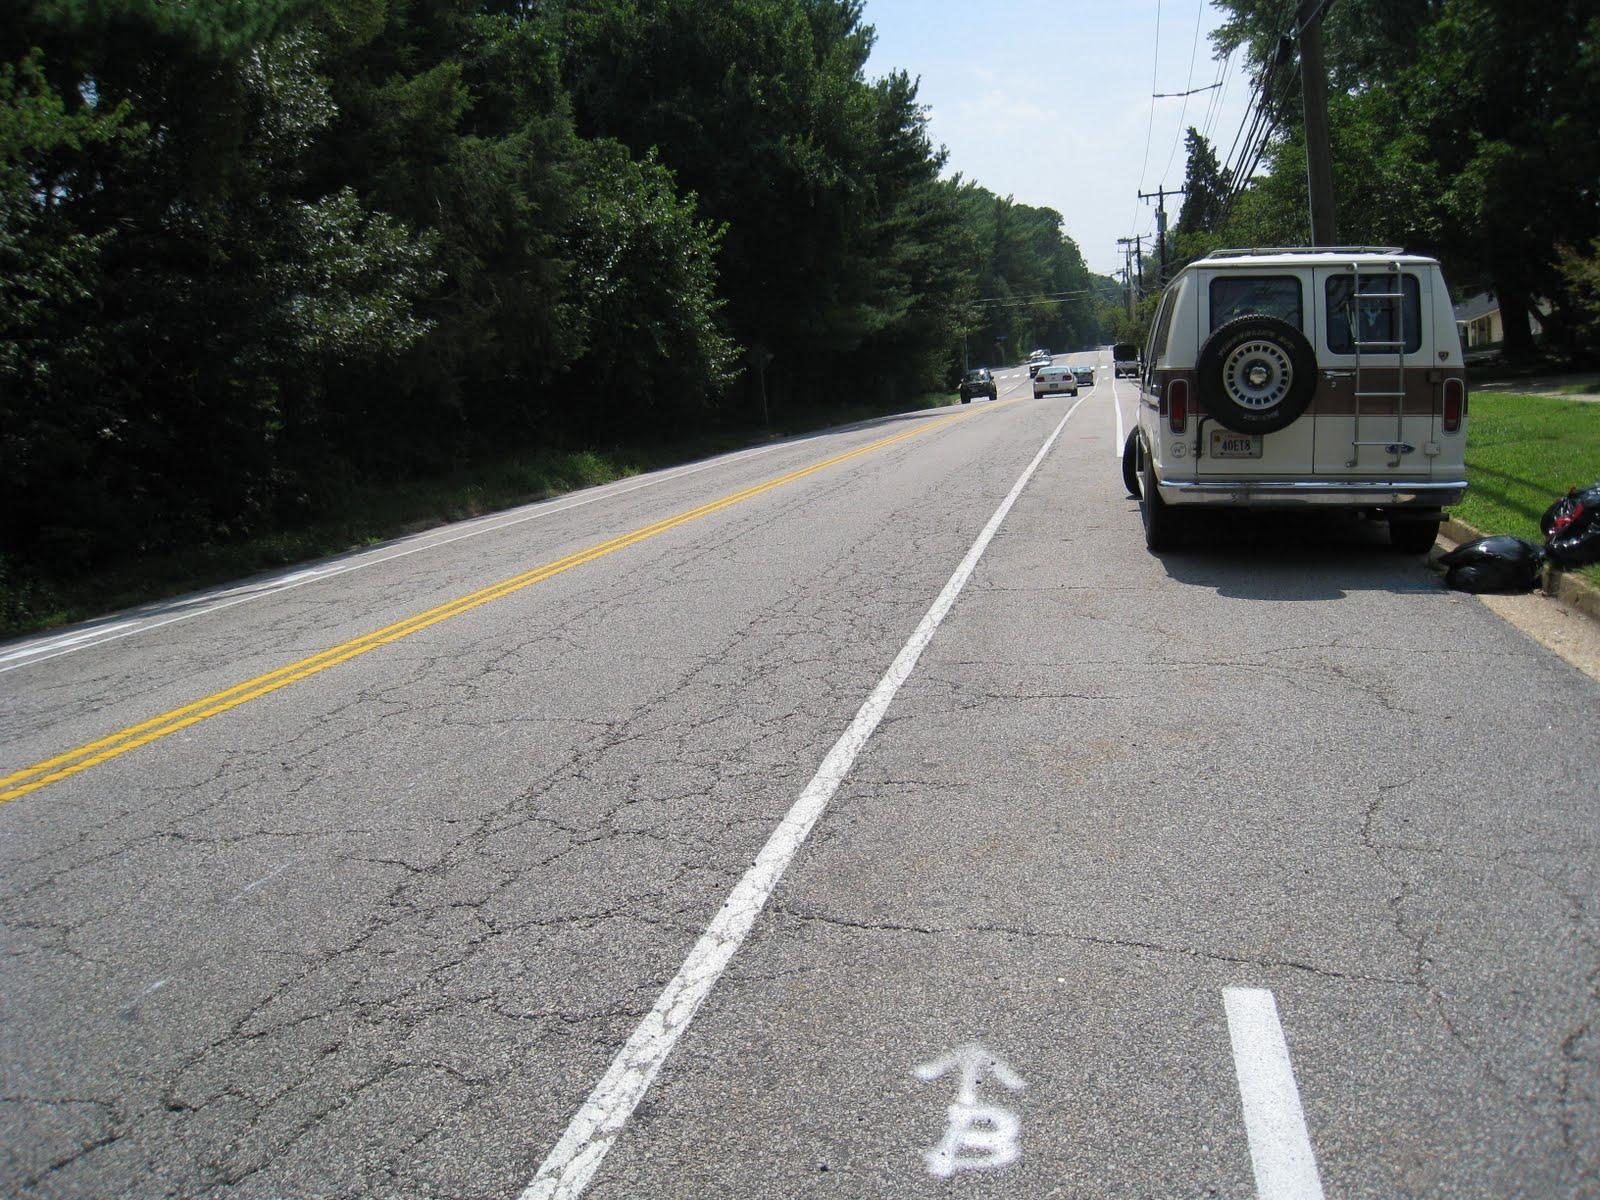 IMG 4106 ... lane width adjacent to narrow parking lane: 6 7 feet.